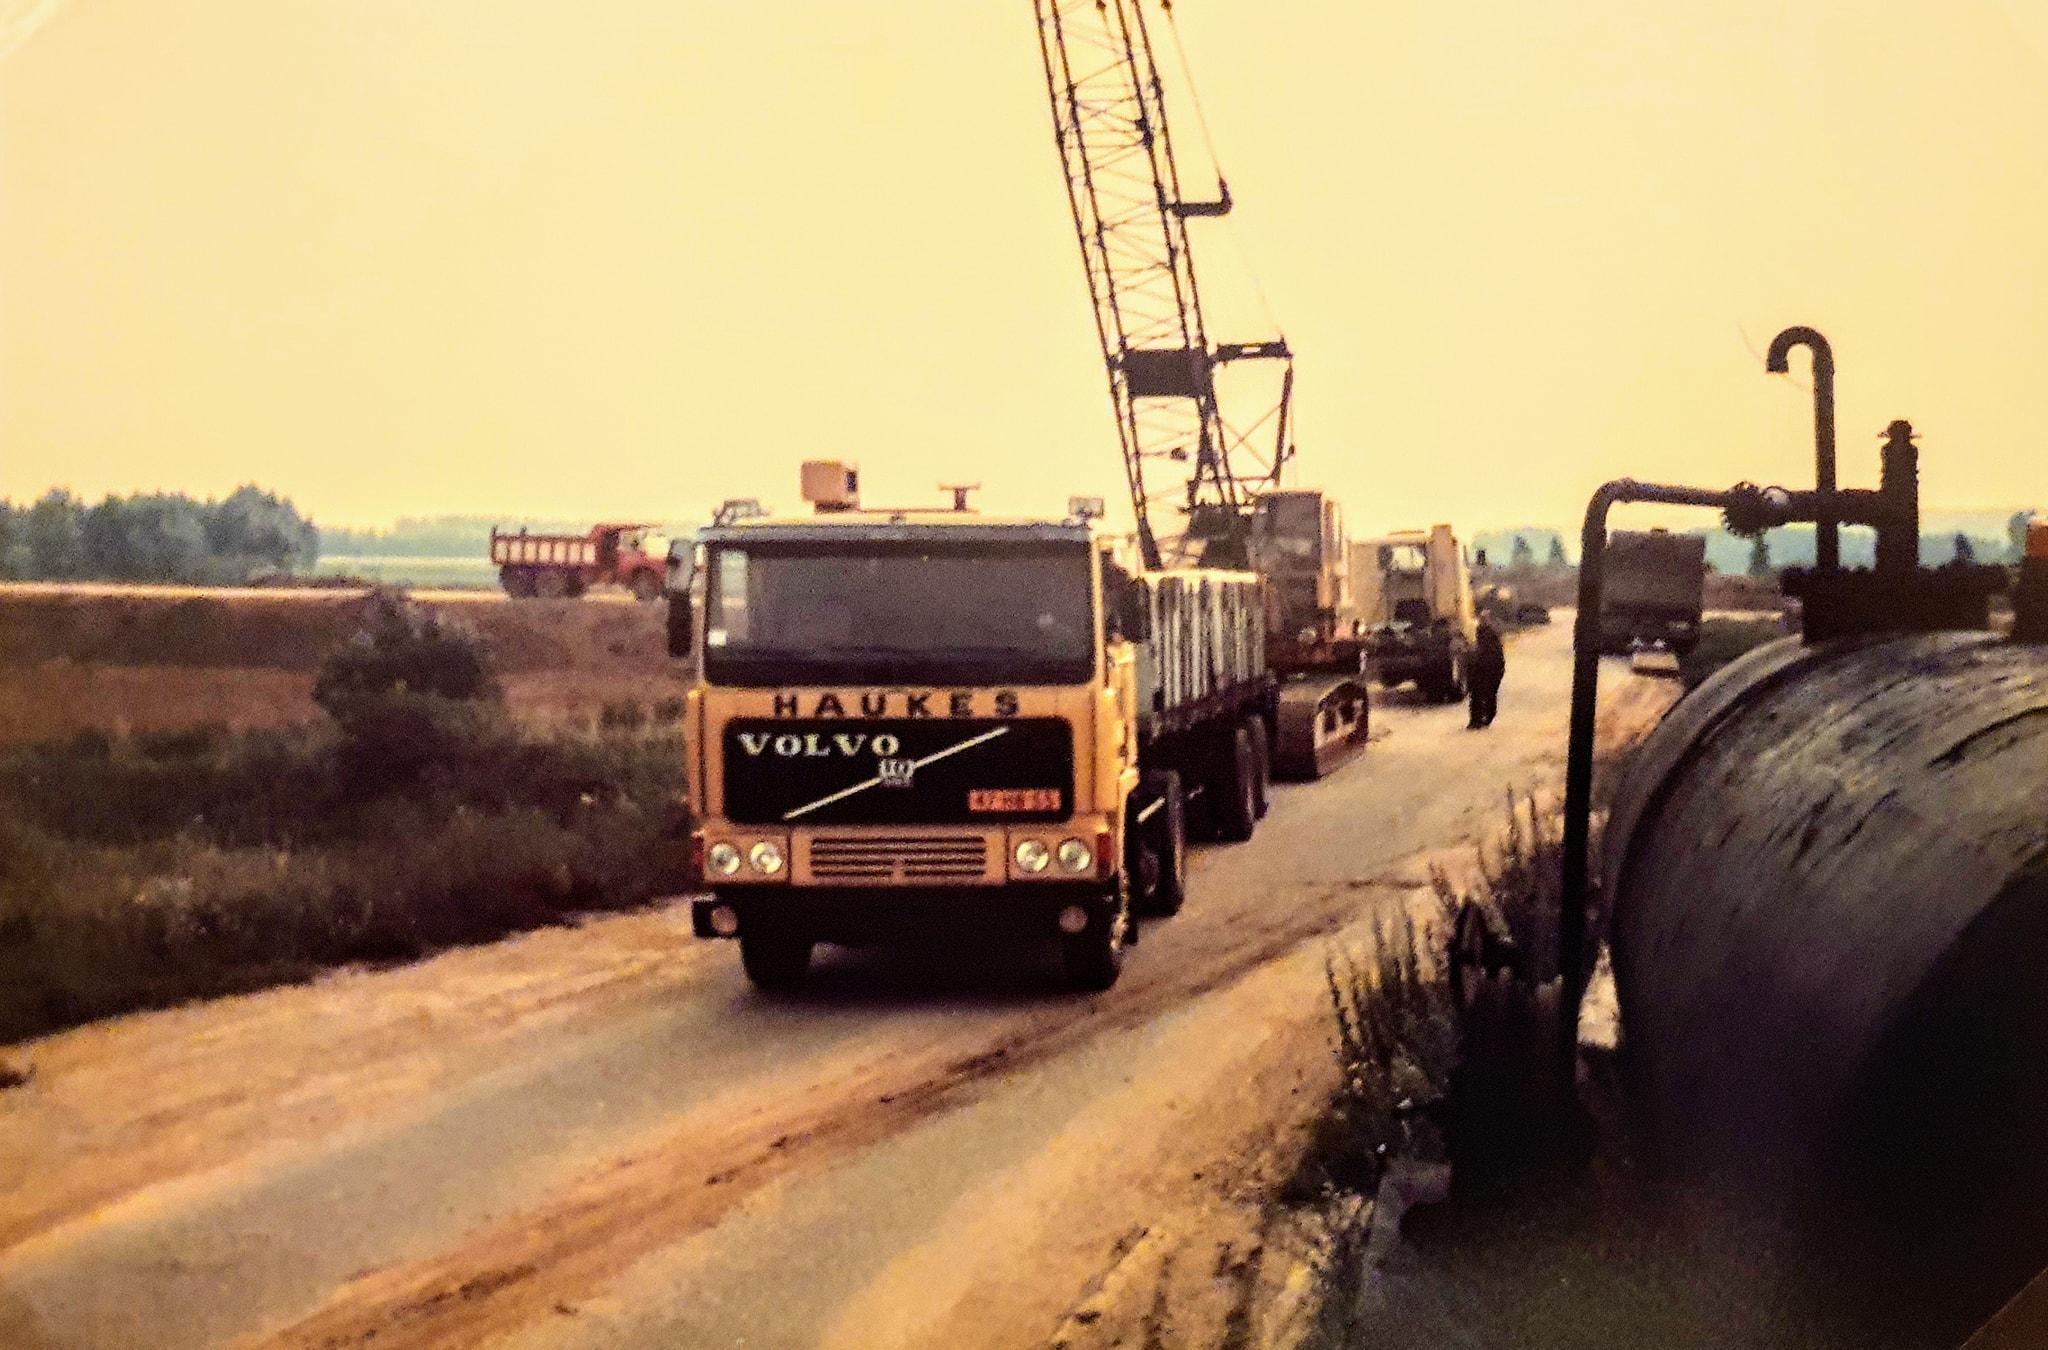 verplaatsen-van-Smith--28-dragline-met-een-kapotte-motor-met-de-Volvo-F10-nr--226-Chauffeur-Wim-Megens--Mijn-vader--met-een-geladen-Groenewegen-oplegger-nr-34-Han-archief--2